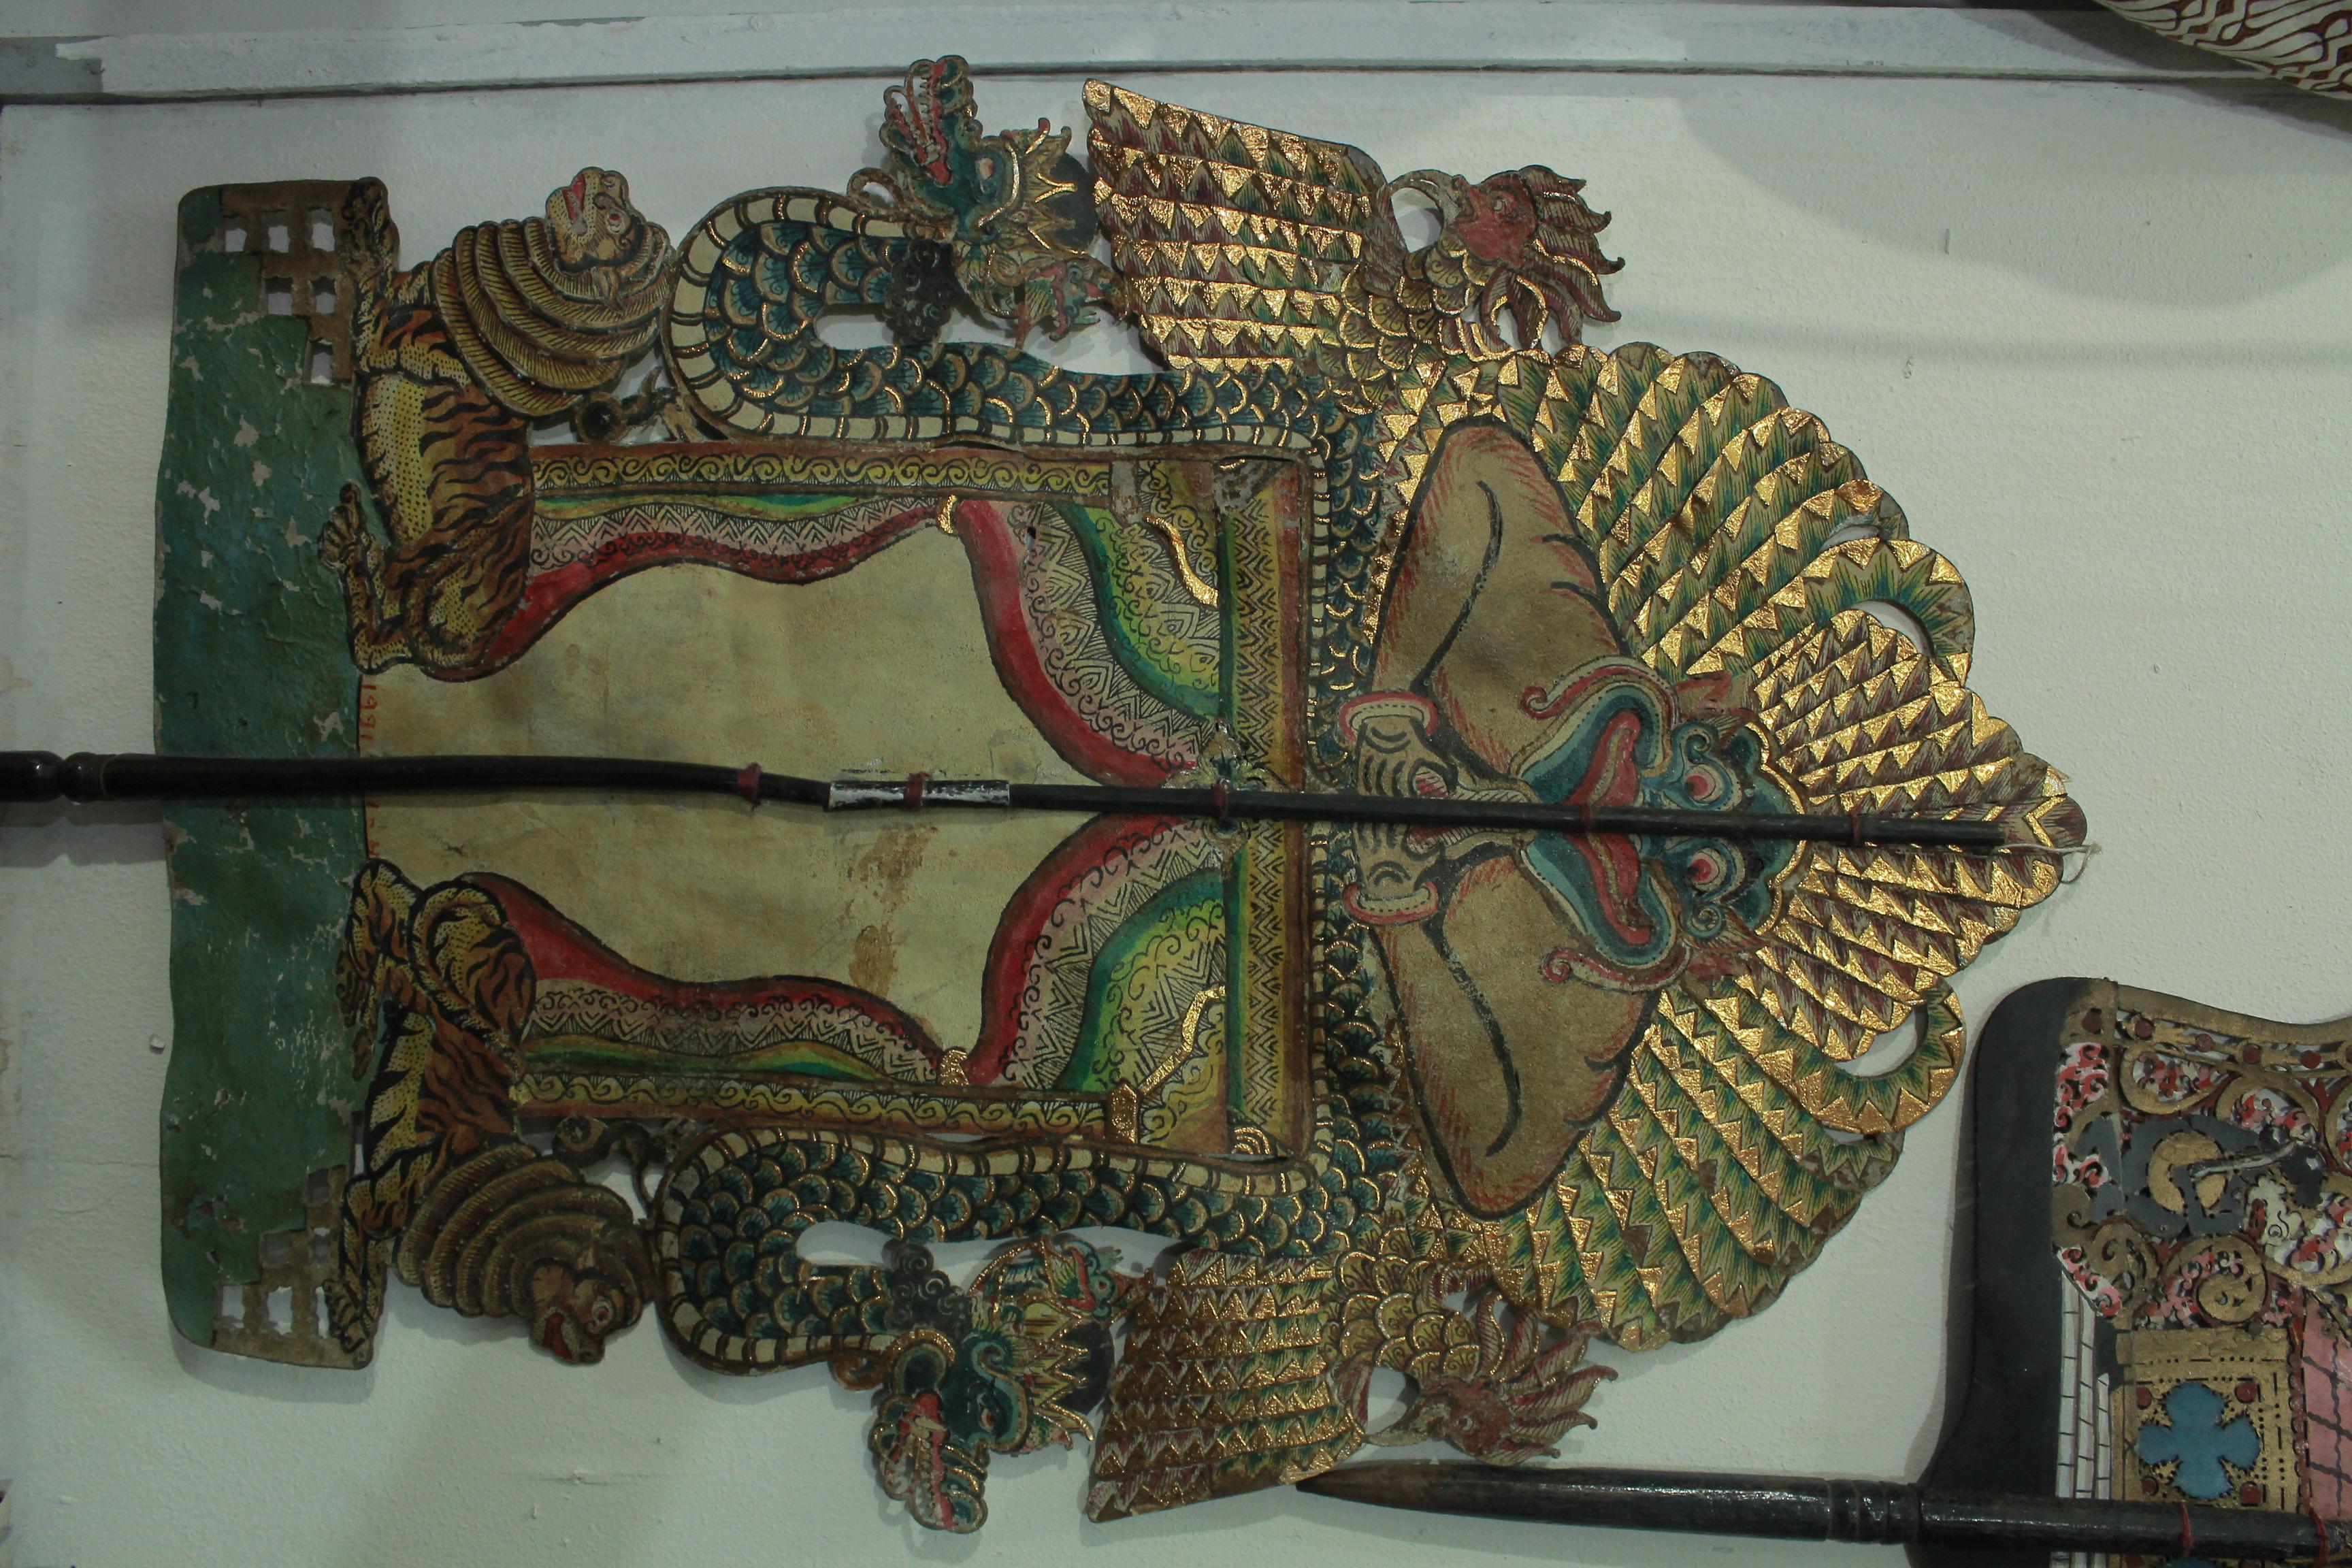 Un <em>kayon</em> pour le wayang menak (Java, Indonésie), un cycle d'histoires relatant les aventures d'Amir Hamzah, l'oncle du Prophète Muhammad. Collection : Tizar Purbaya.